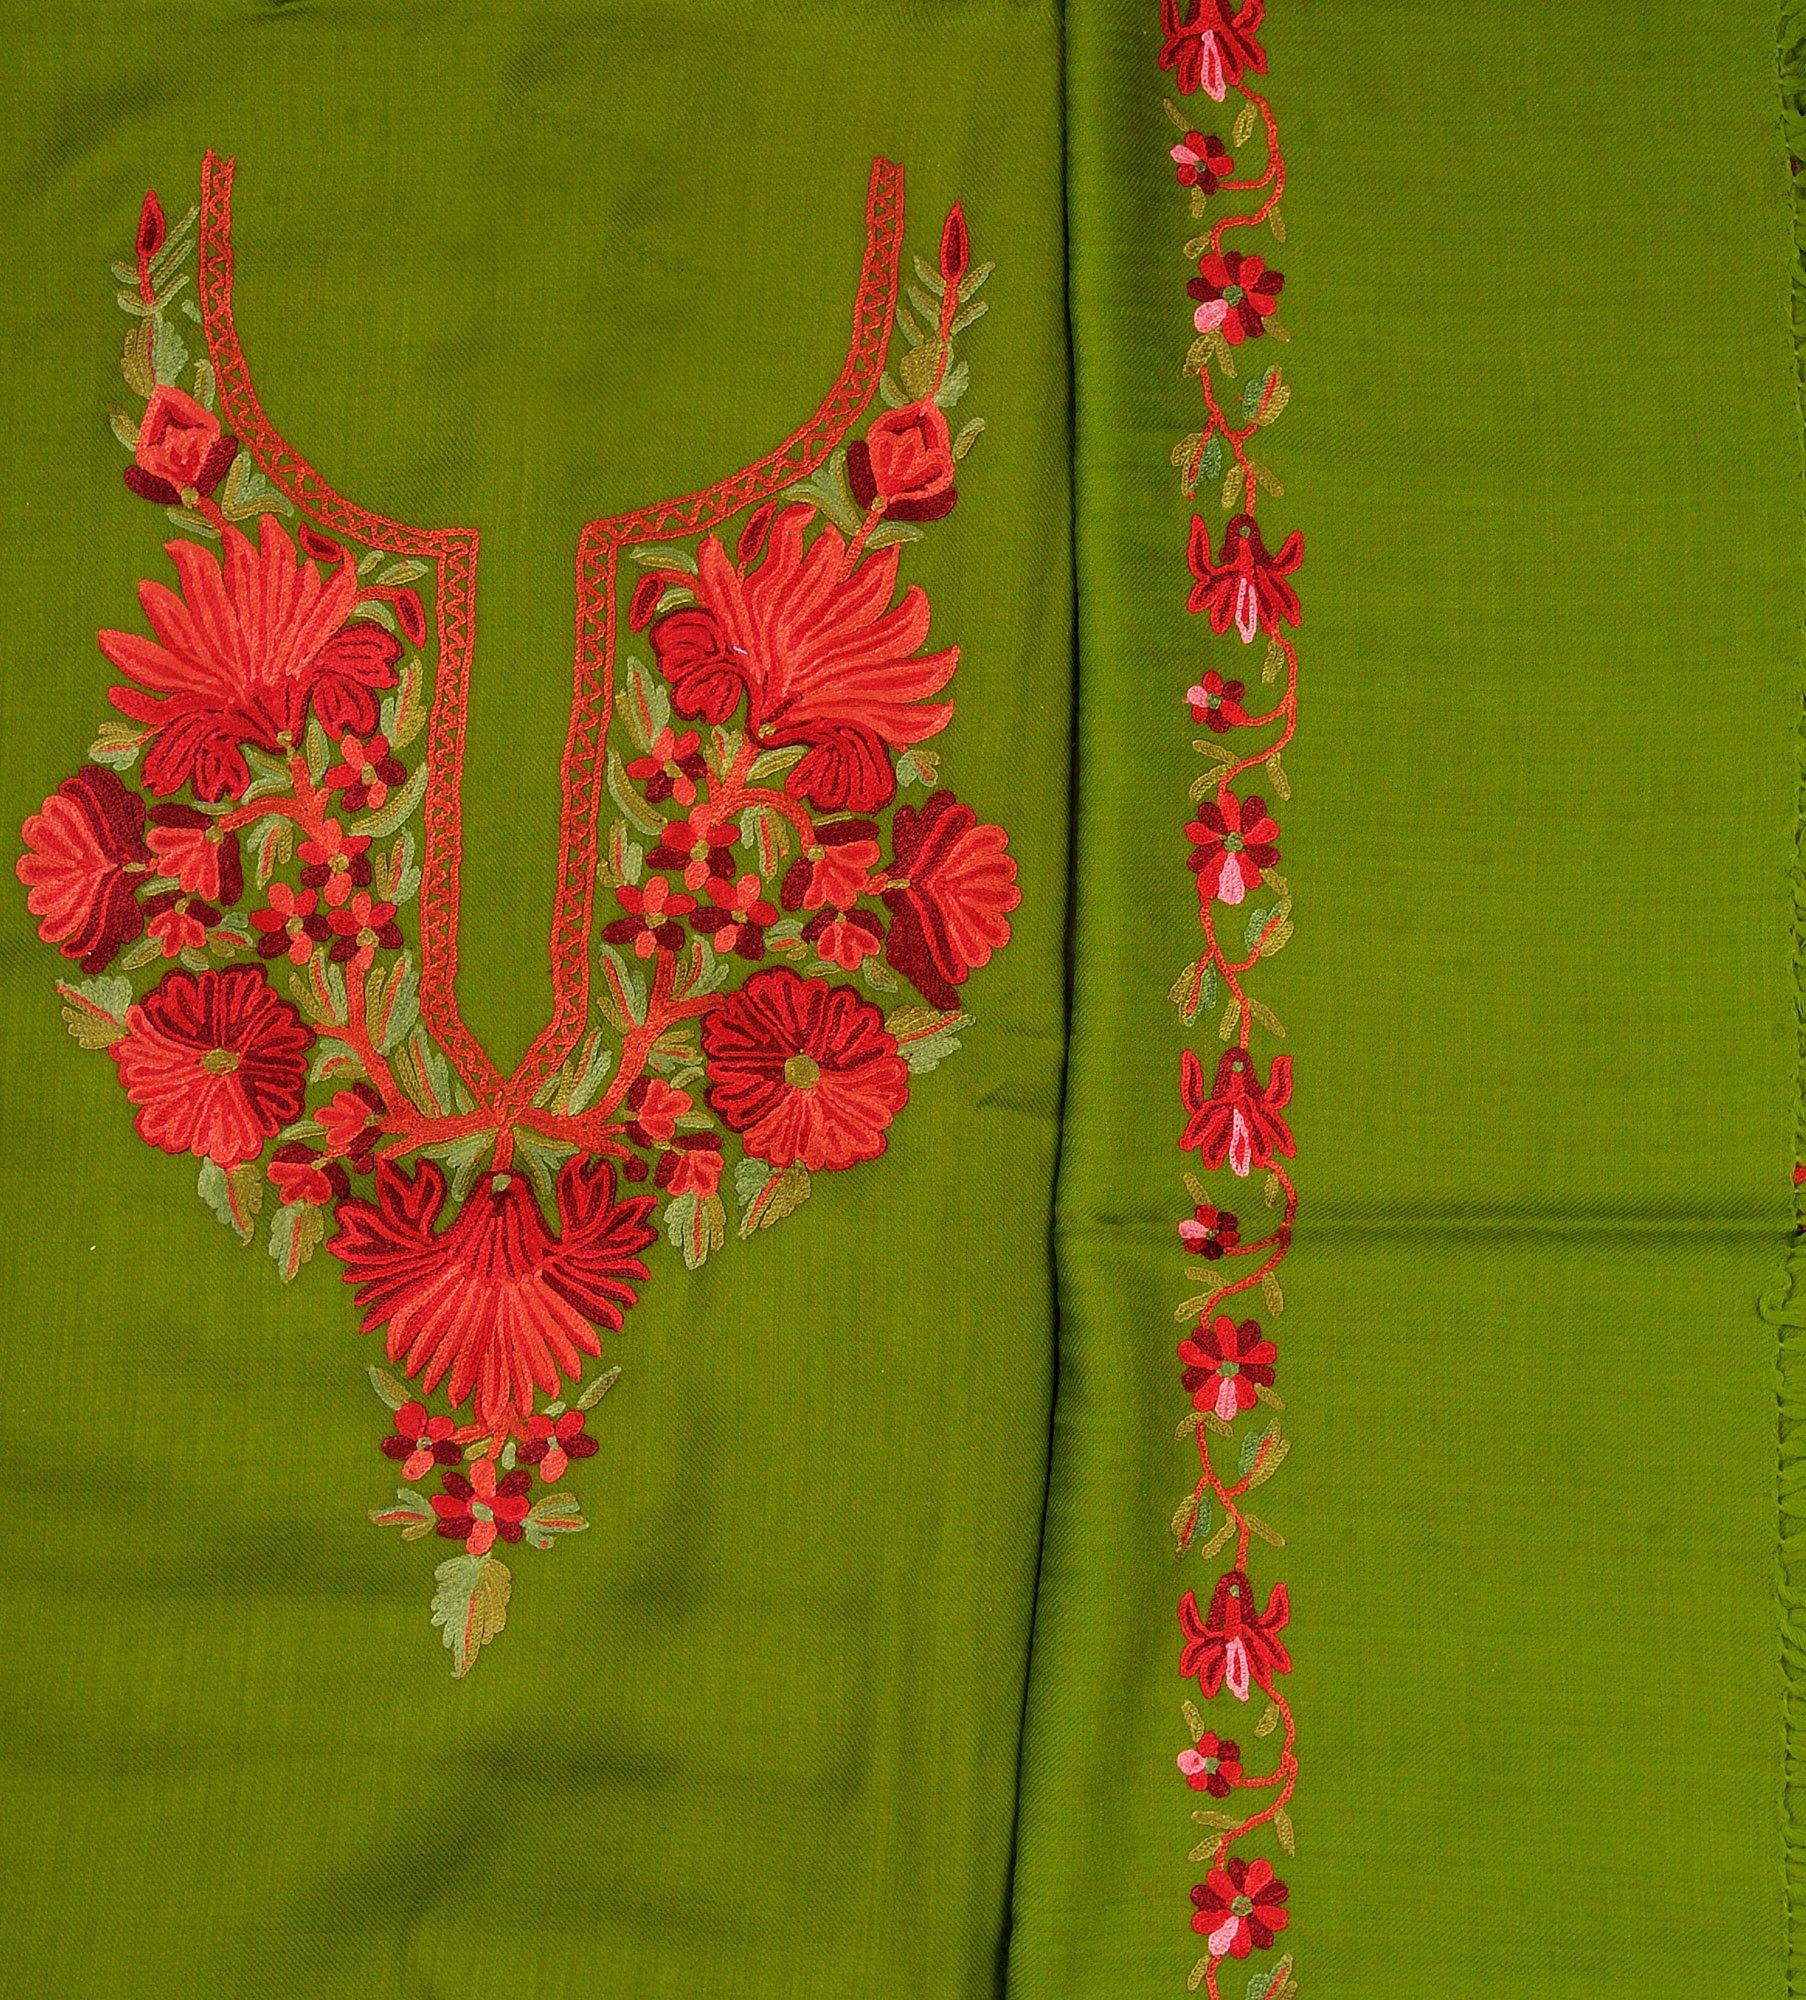 FluoriteGreen Salwar Kameez Fabric From Kashmir With Hand